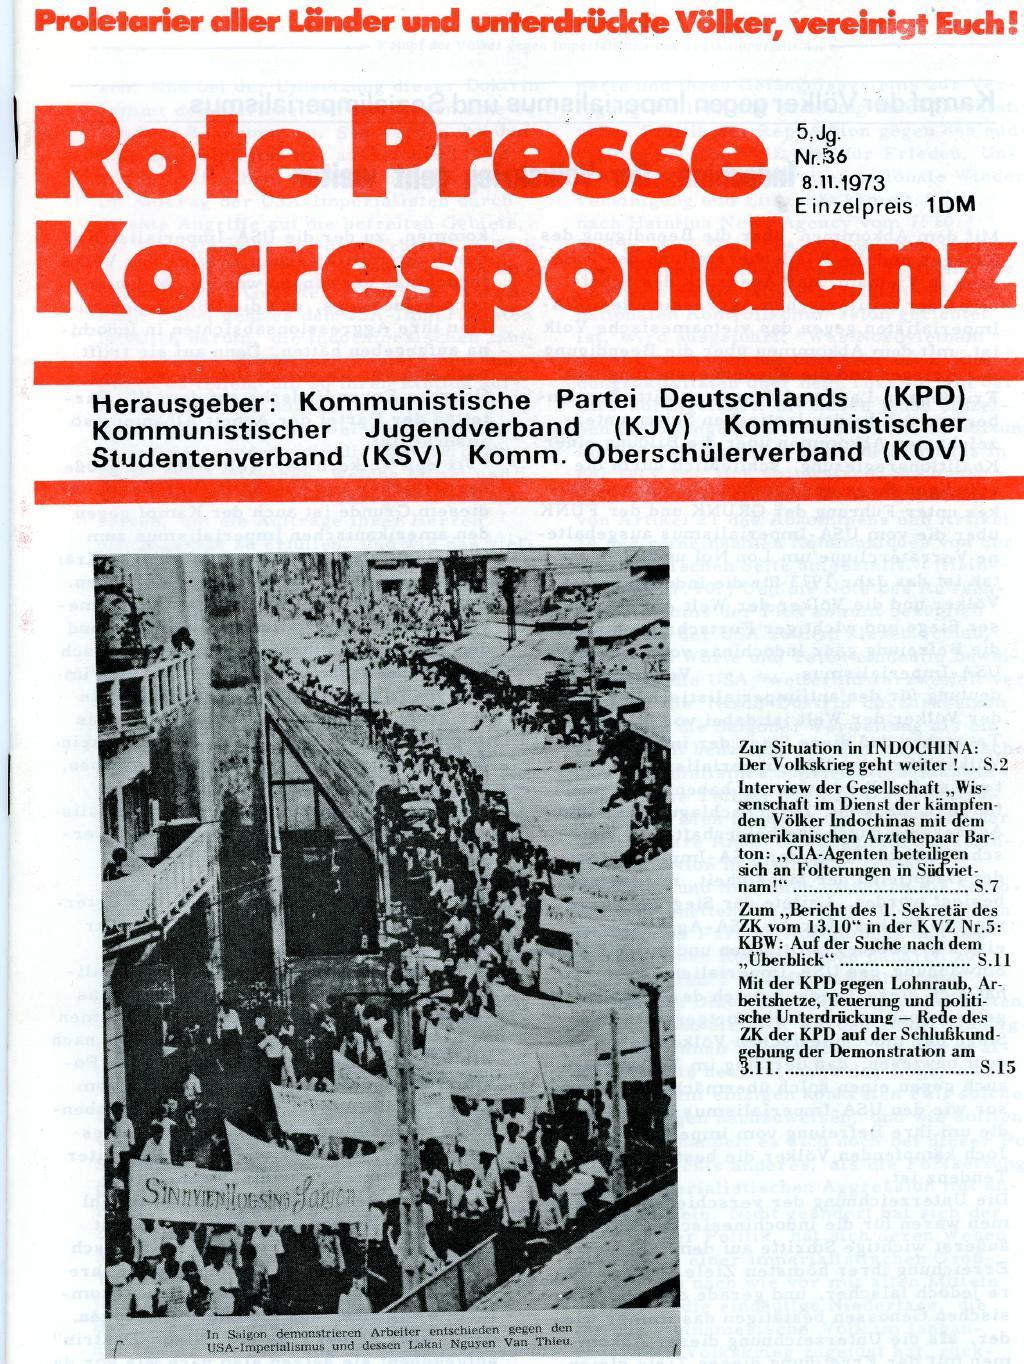 RPK_1973_036_01